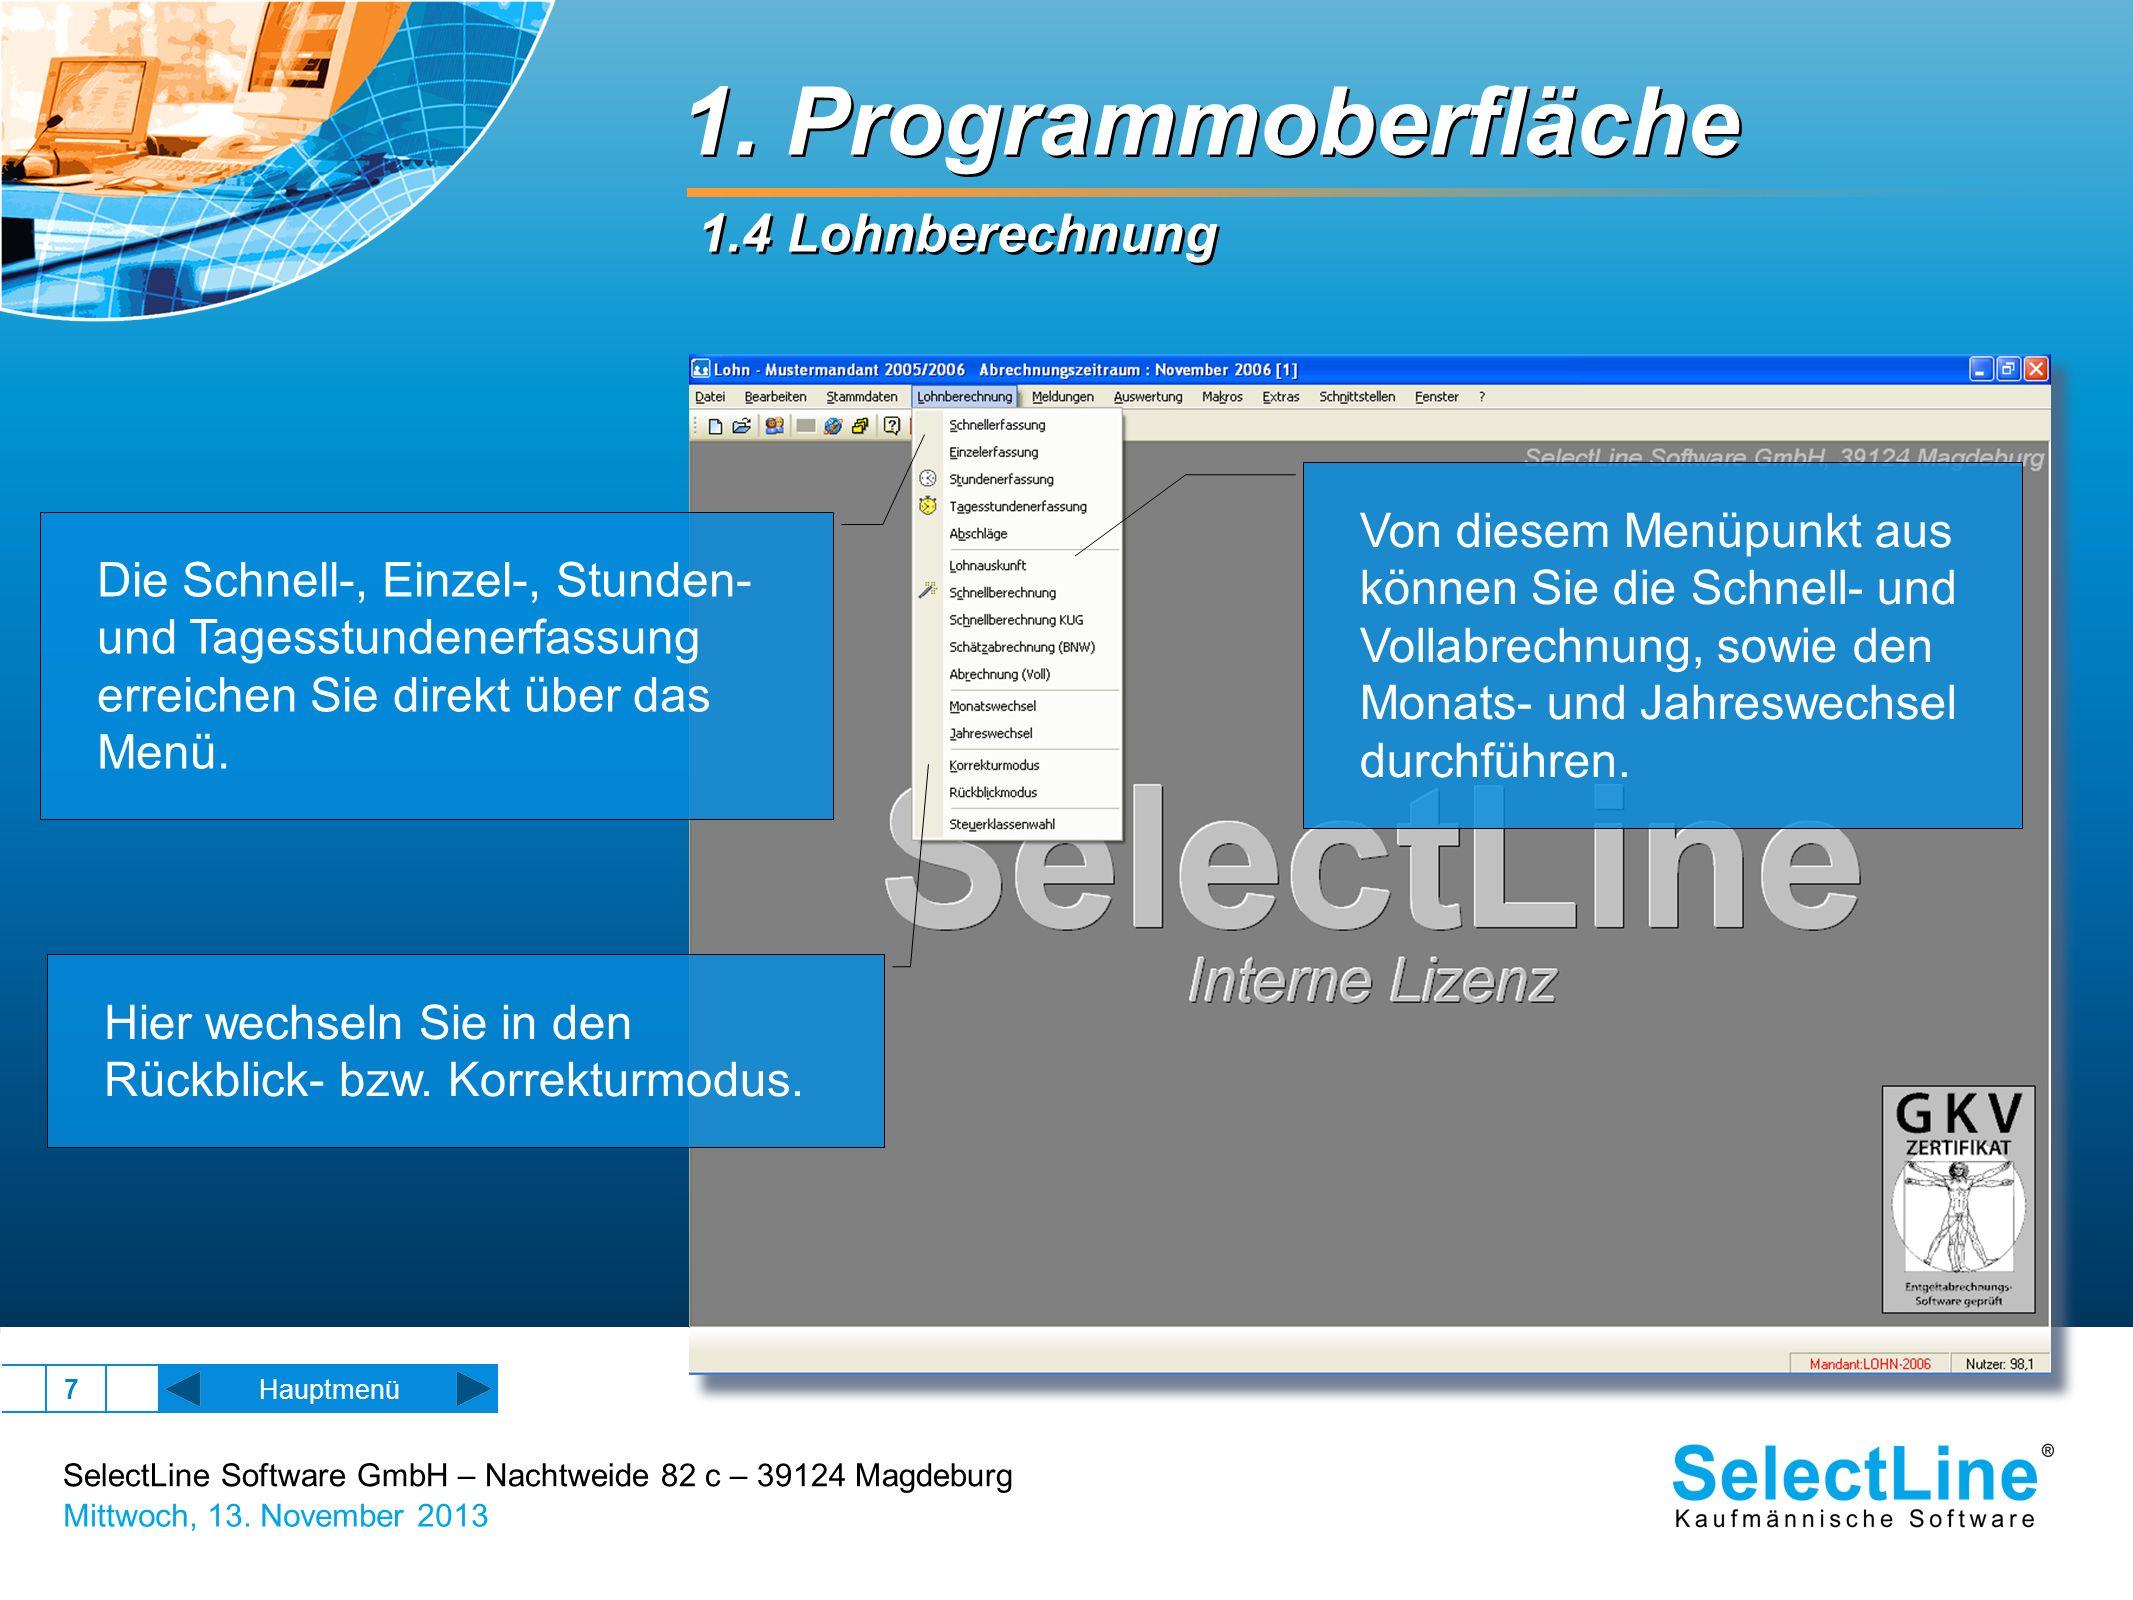 SelectLine Software GmbH – Nachtweide 82 c – 39124 Magdeburg Mittwoch, 13. November 2013 7 1. Programmoberfläche 1.4 Lohnberechnung Hauptmenü Die Schn